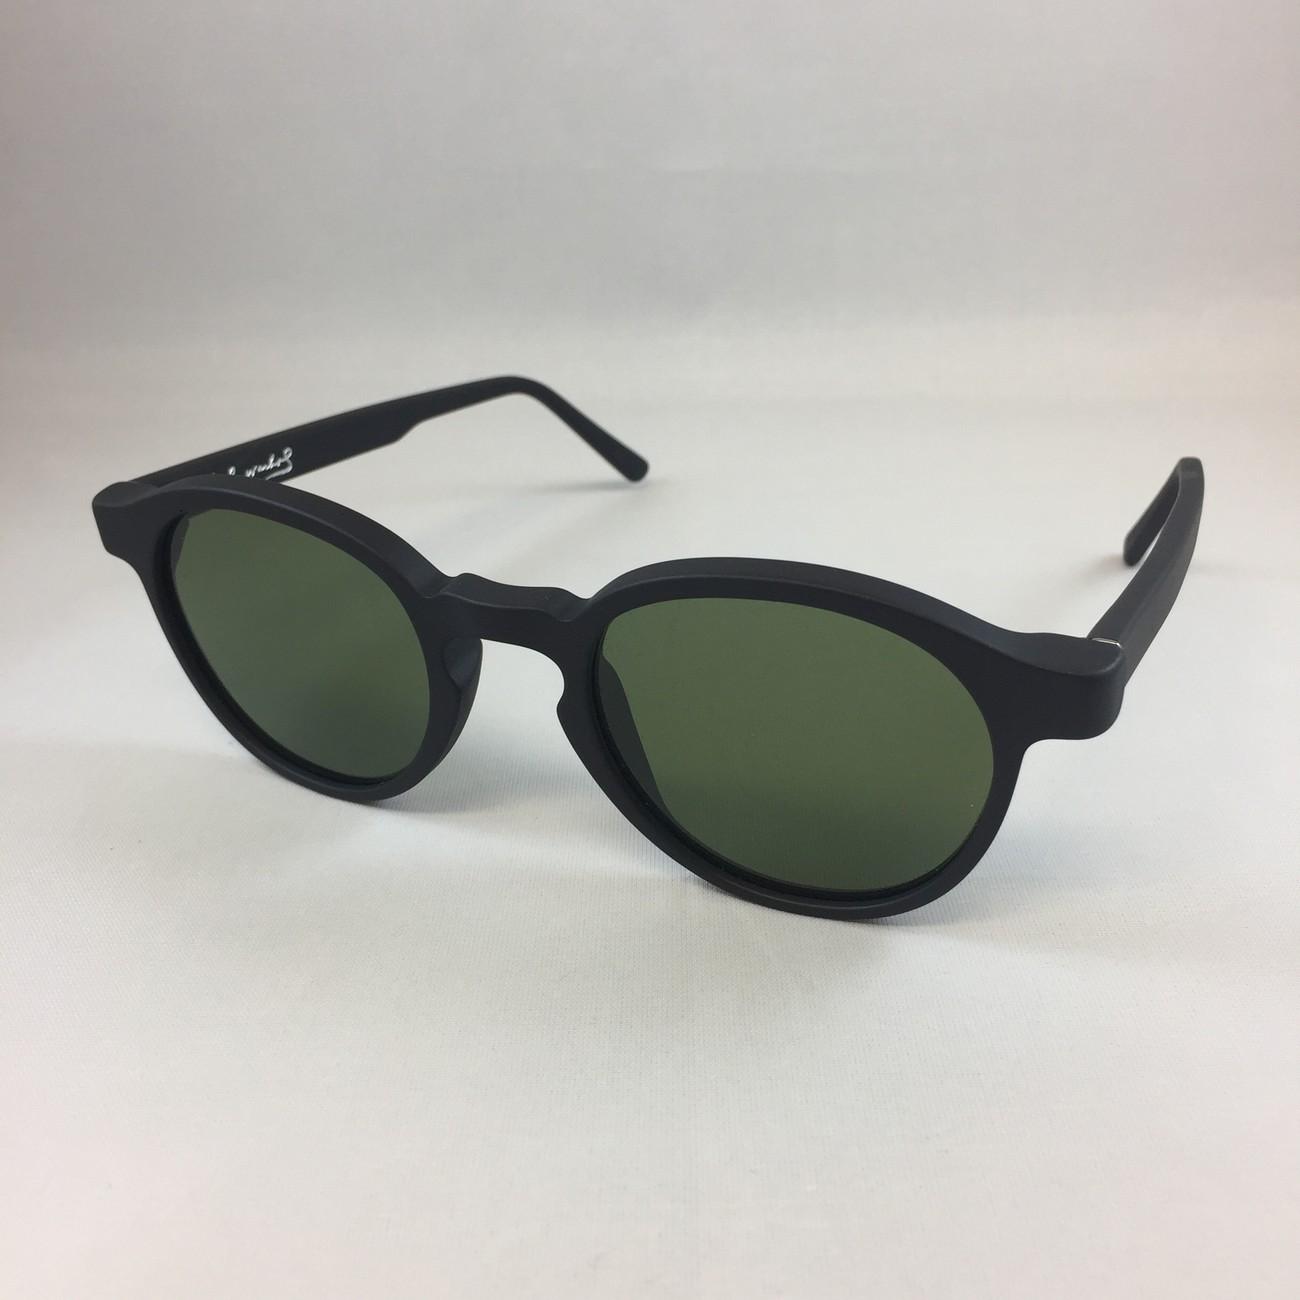 c619f0b99e SUPER   Andy Warhol The Iconic Series Black Matte - Ottica Rapini ...